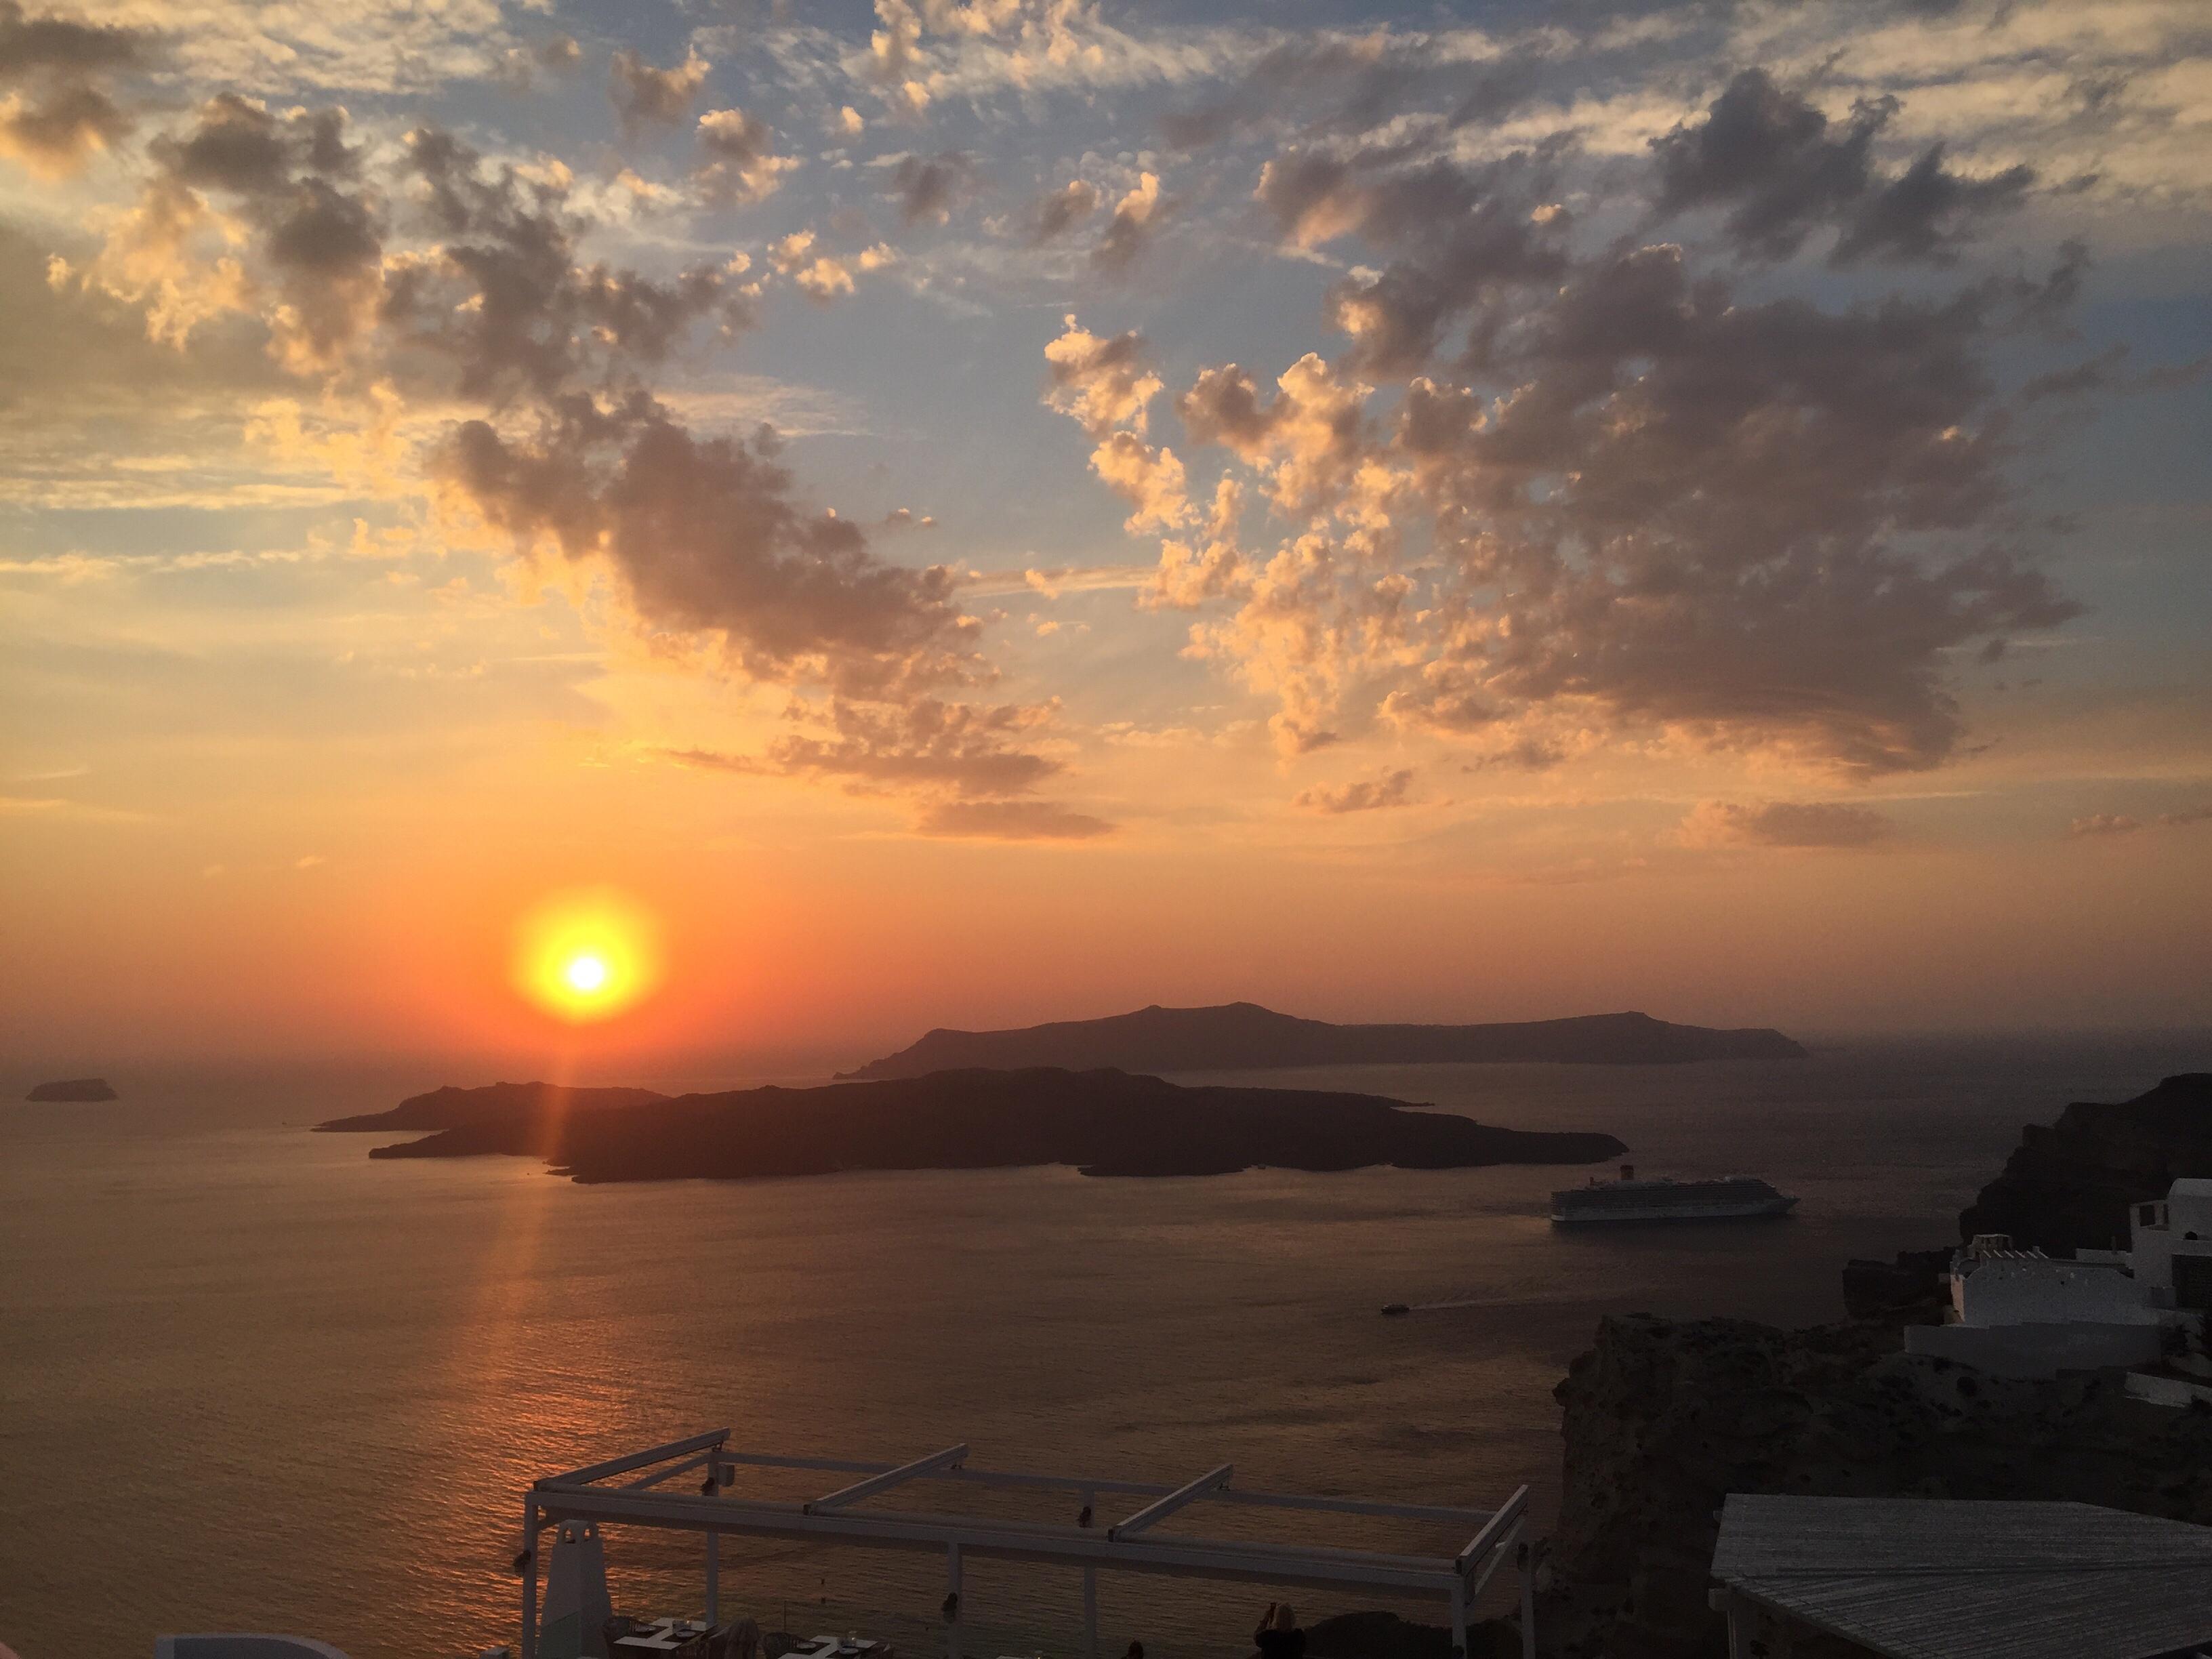 12 von 12 im September 2018 – oder – Von Geschichte, Strandleben und einem Sonnenuntergang